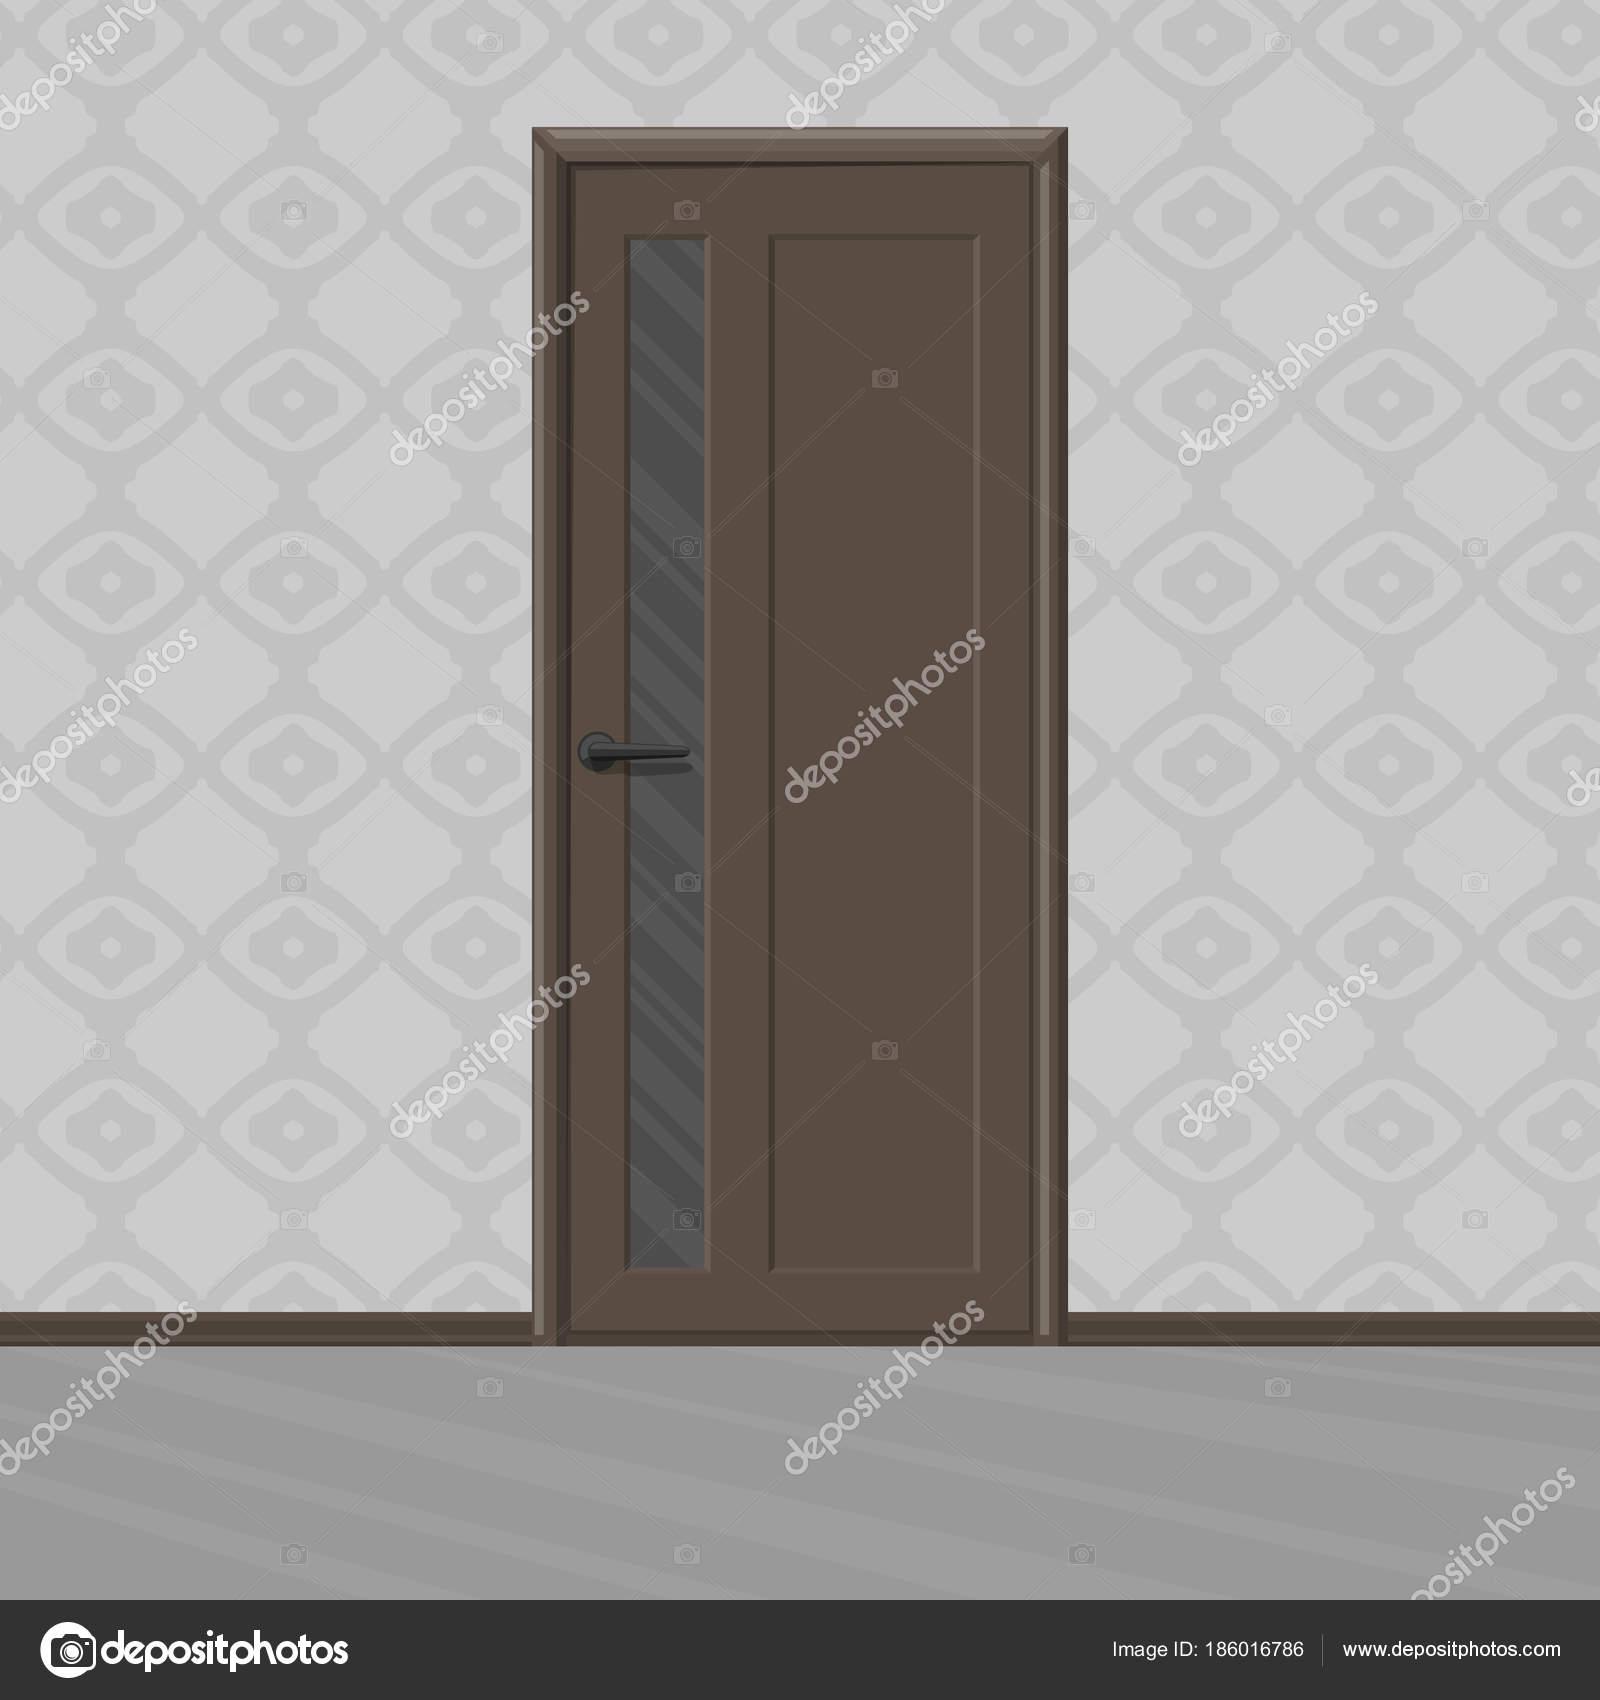 Marr n de rampa nueva puerta de madera con marco de for Puertas de madera con cristal precio